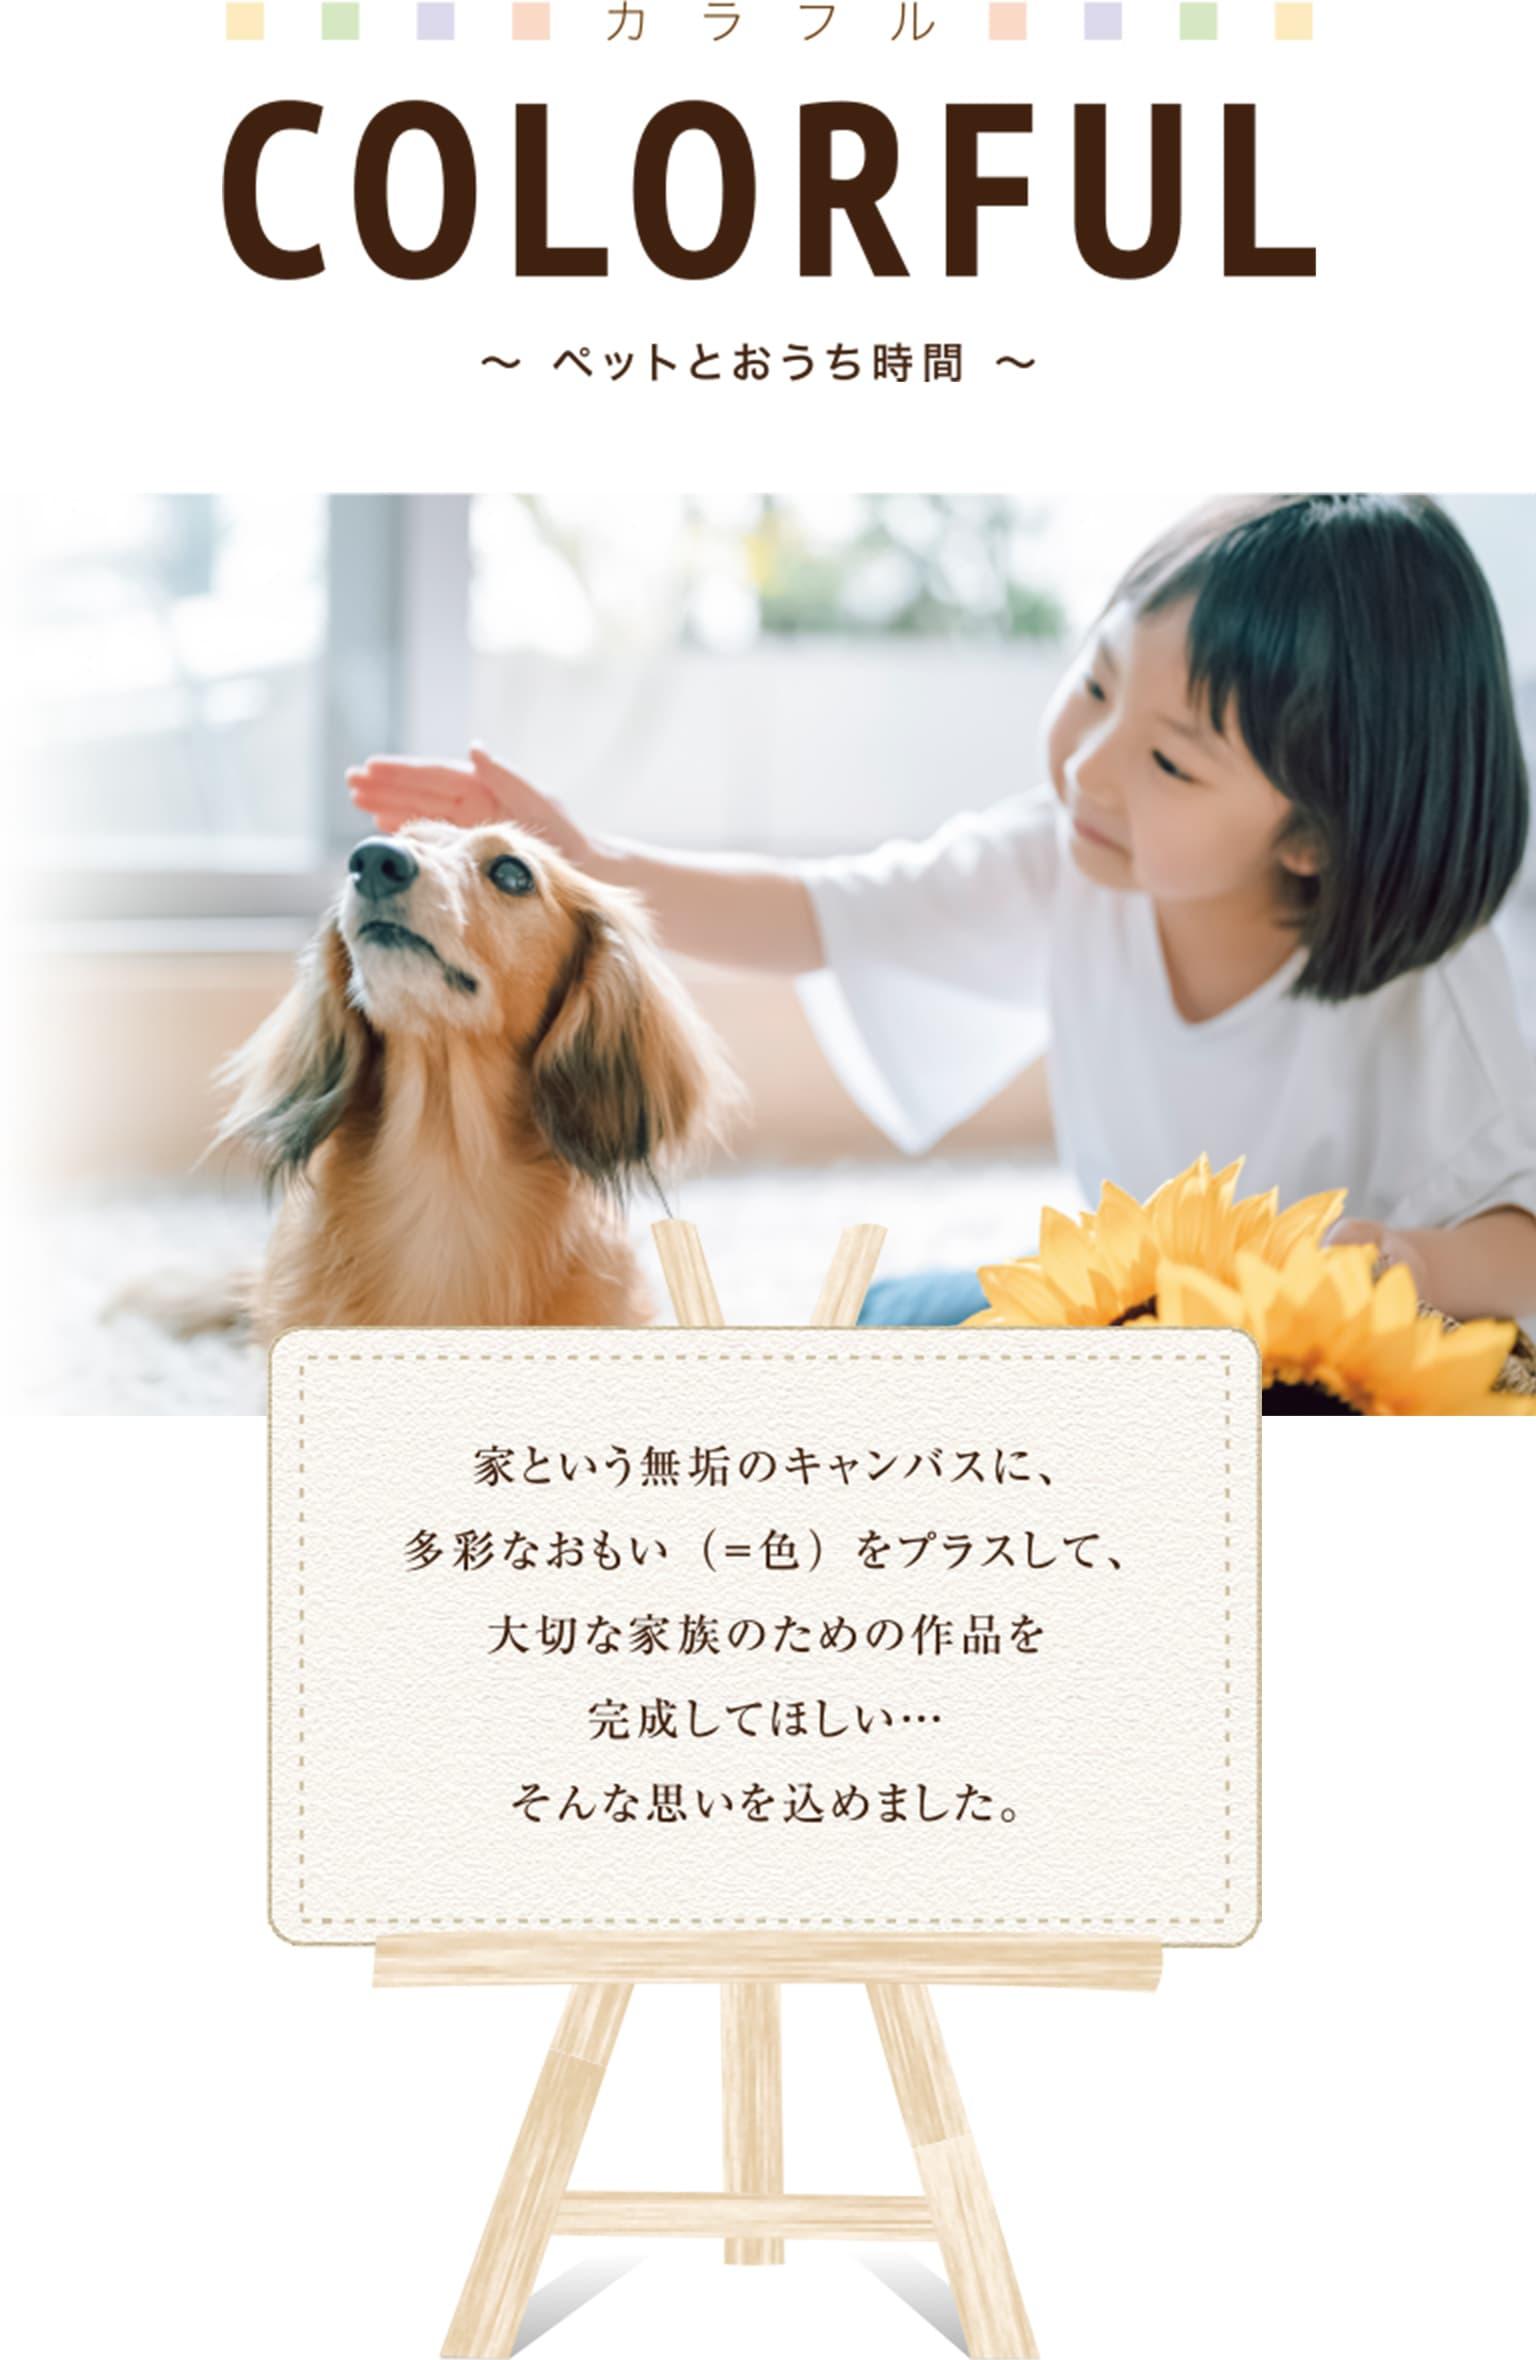 カラフル COLORFUL ~ ペットとおうち時間 ~